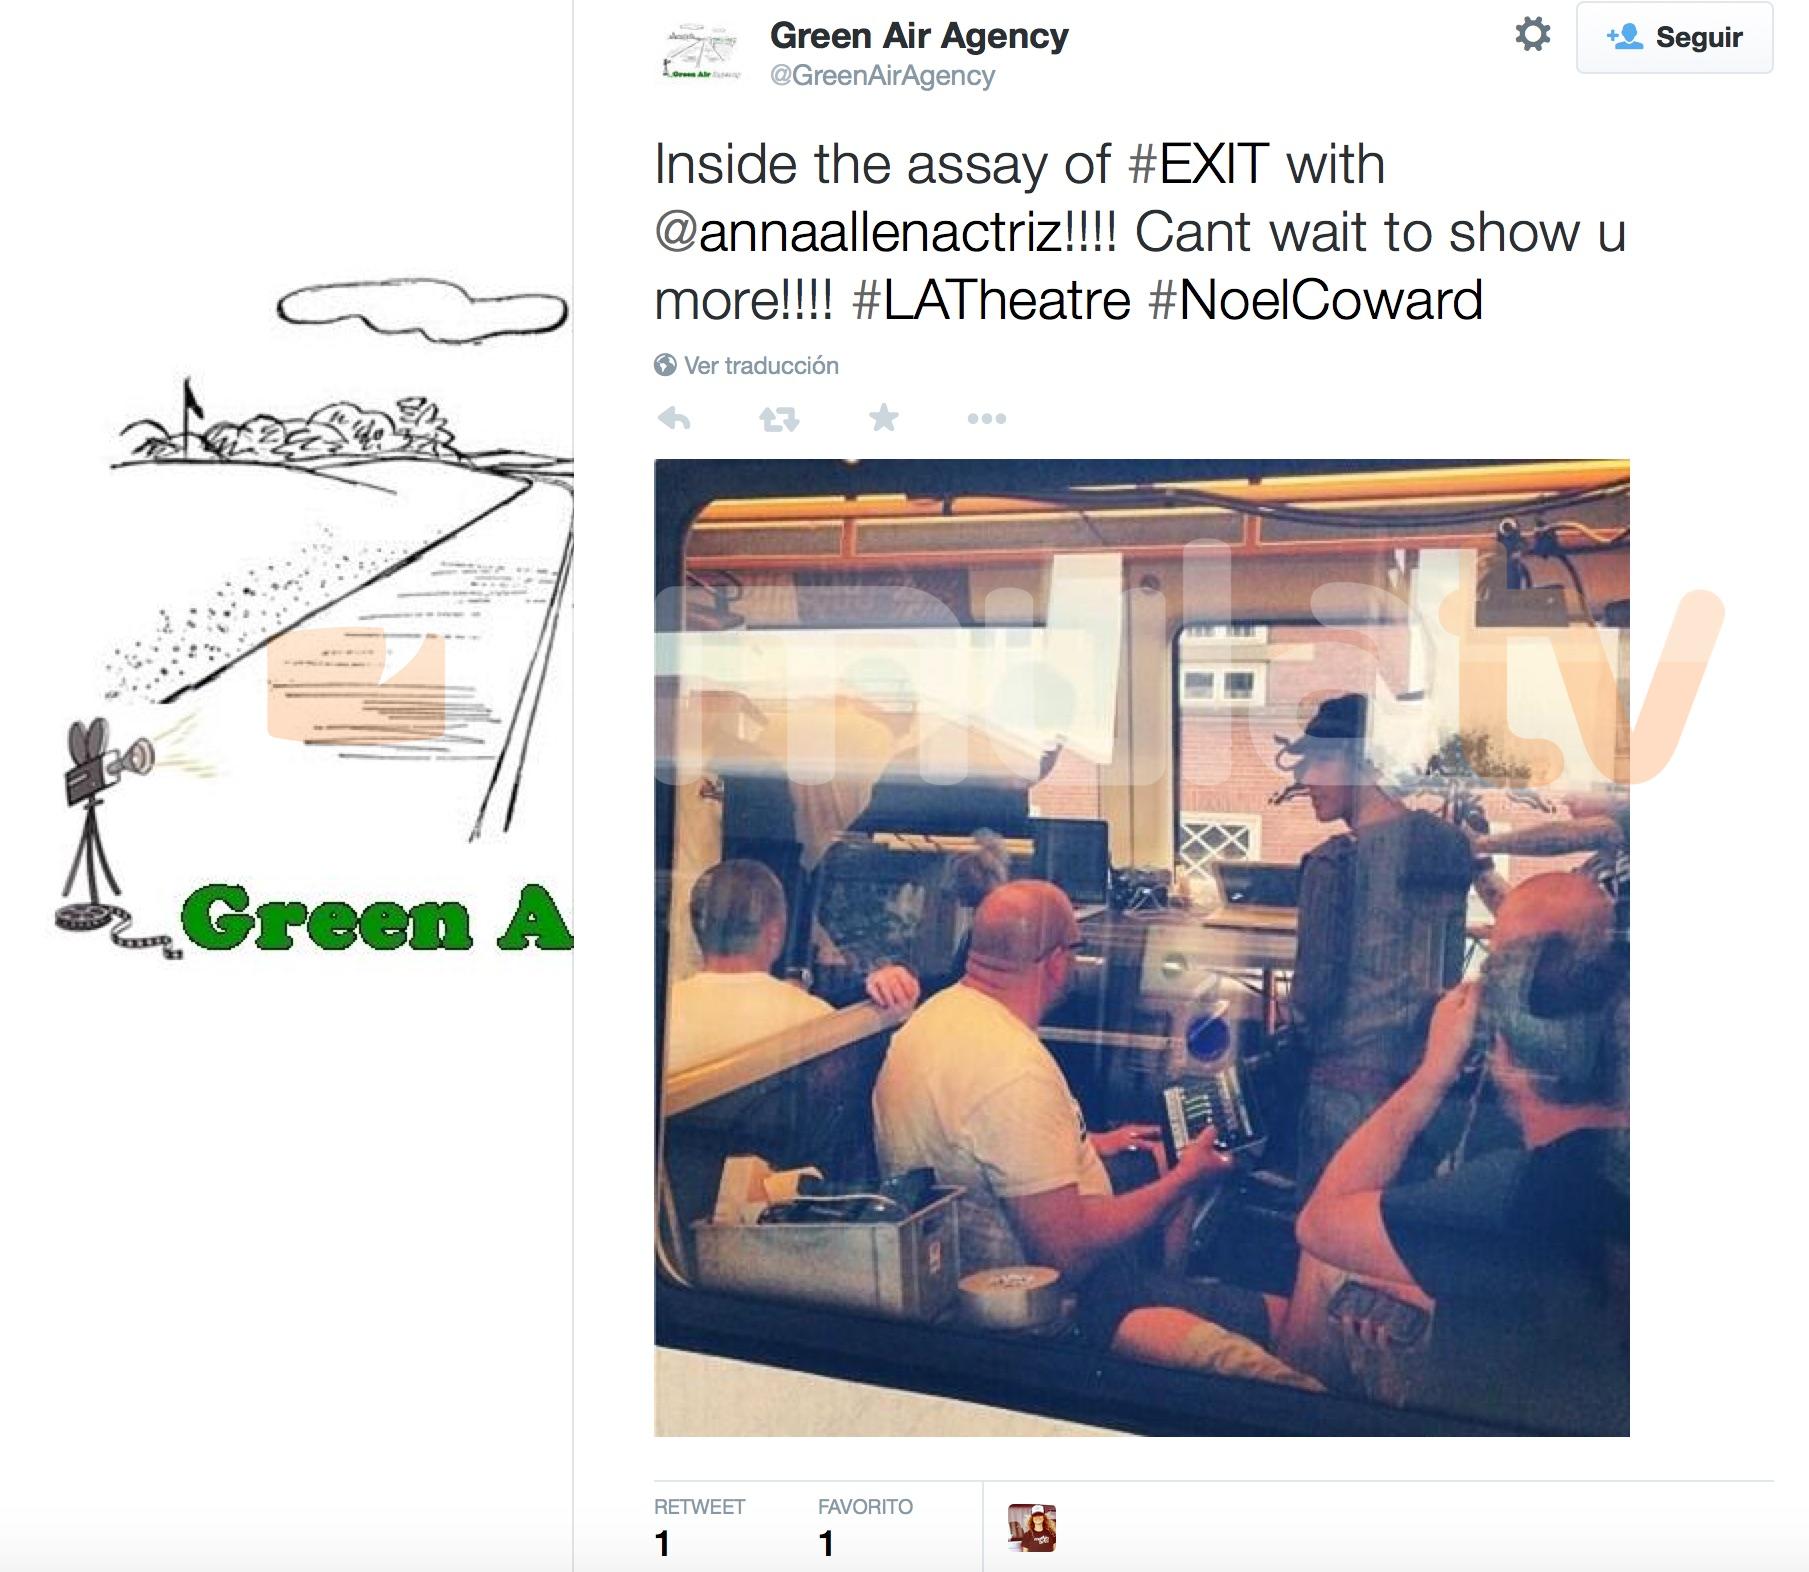 La agencia de Anna Allen, Green Air Agency, informa de los